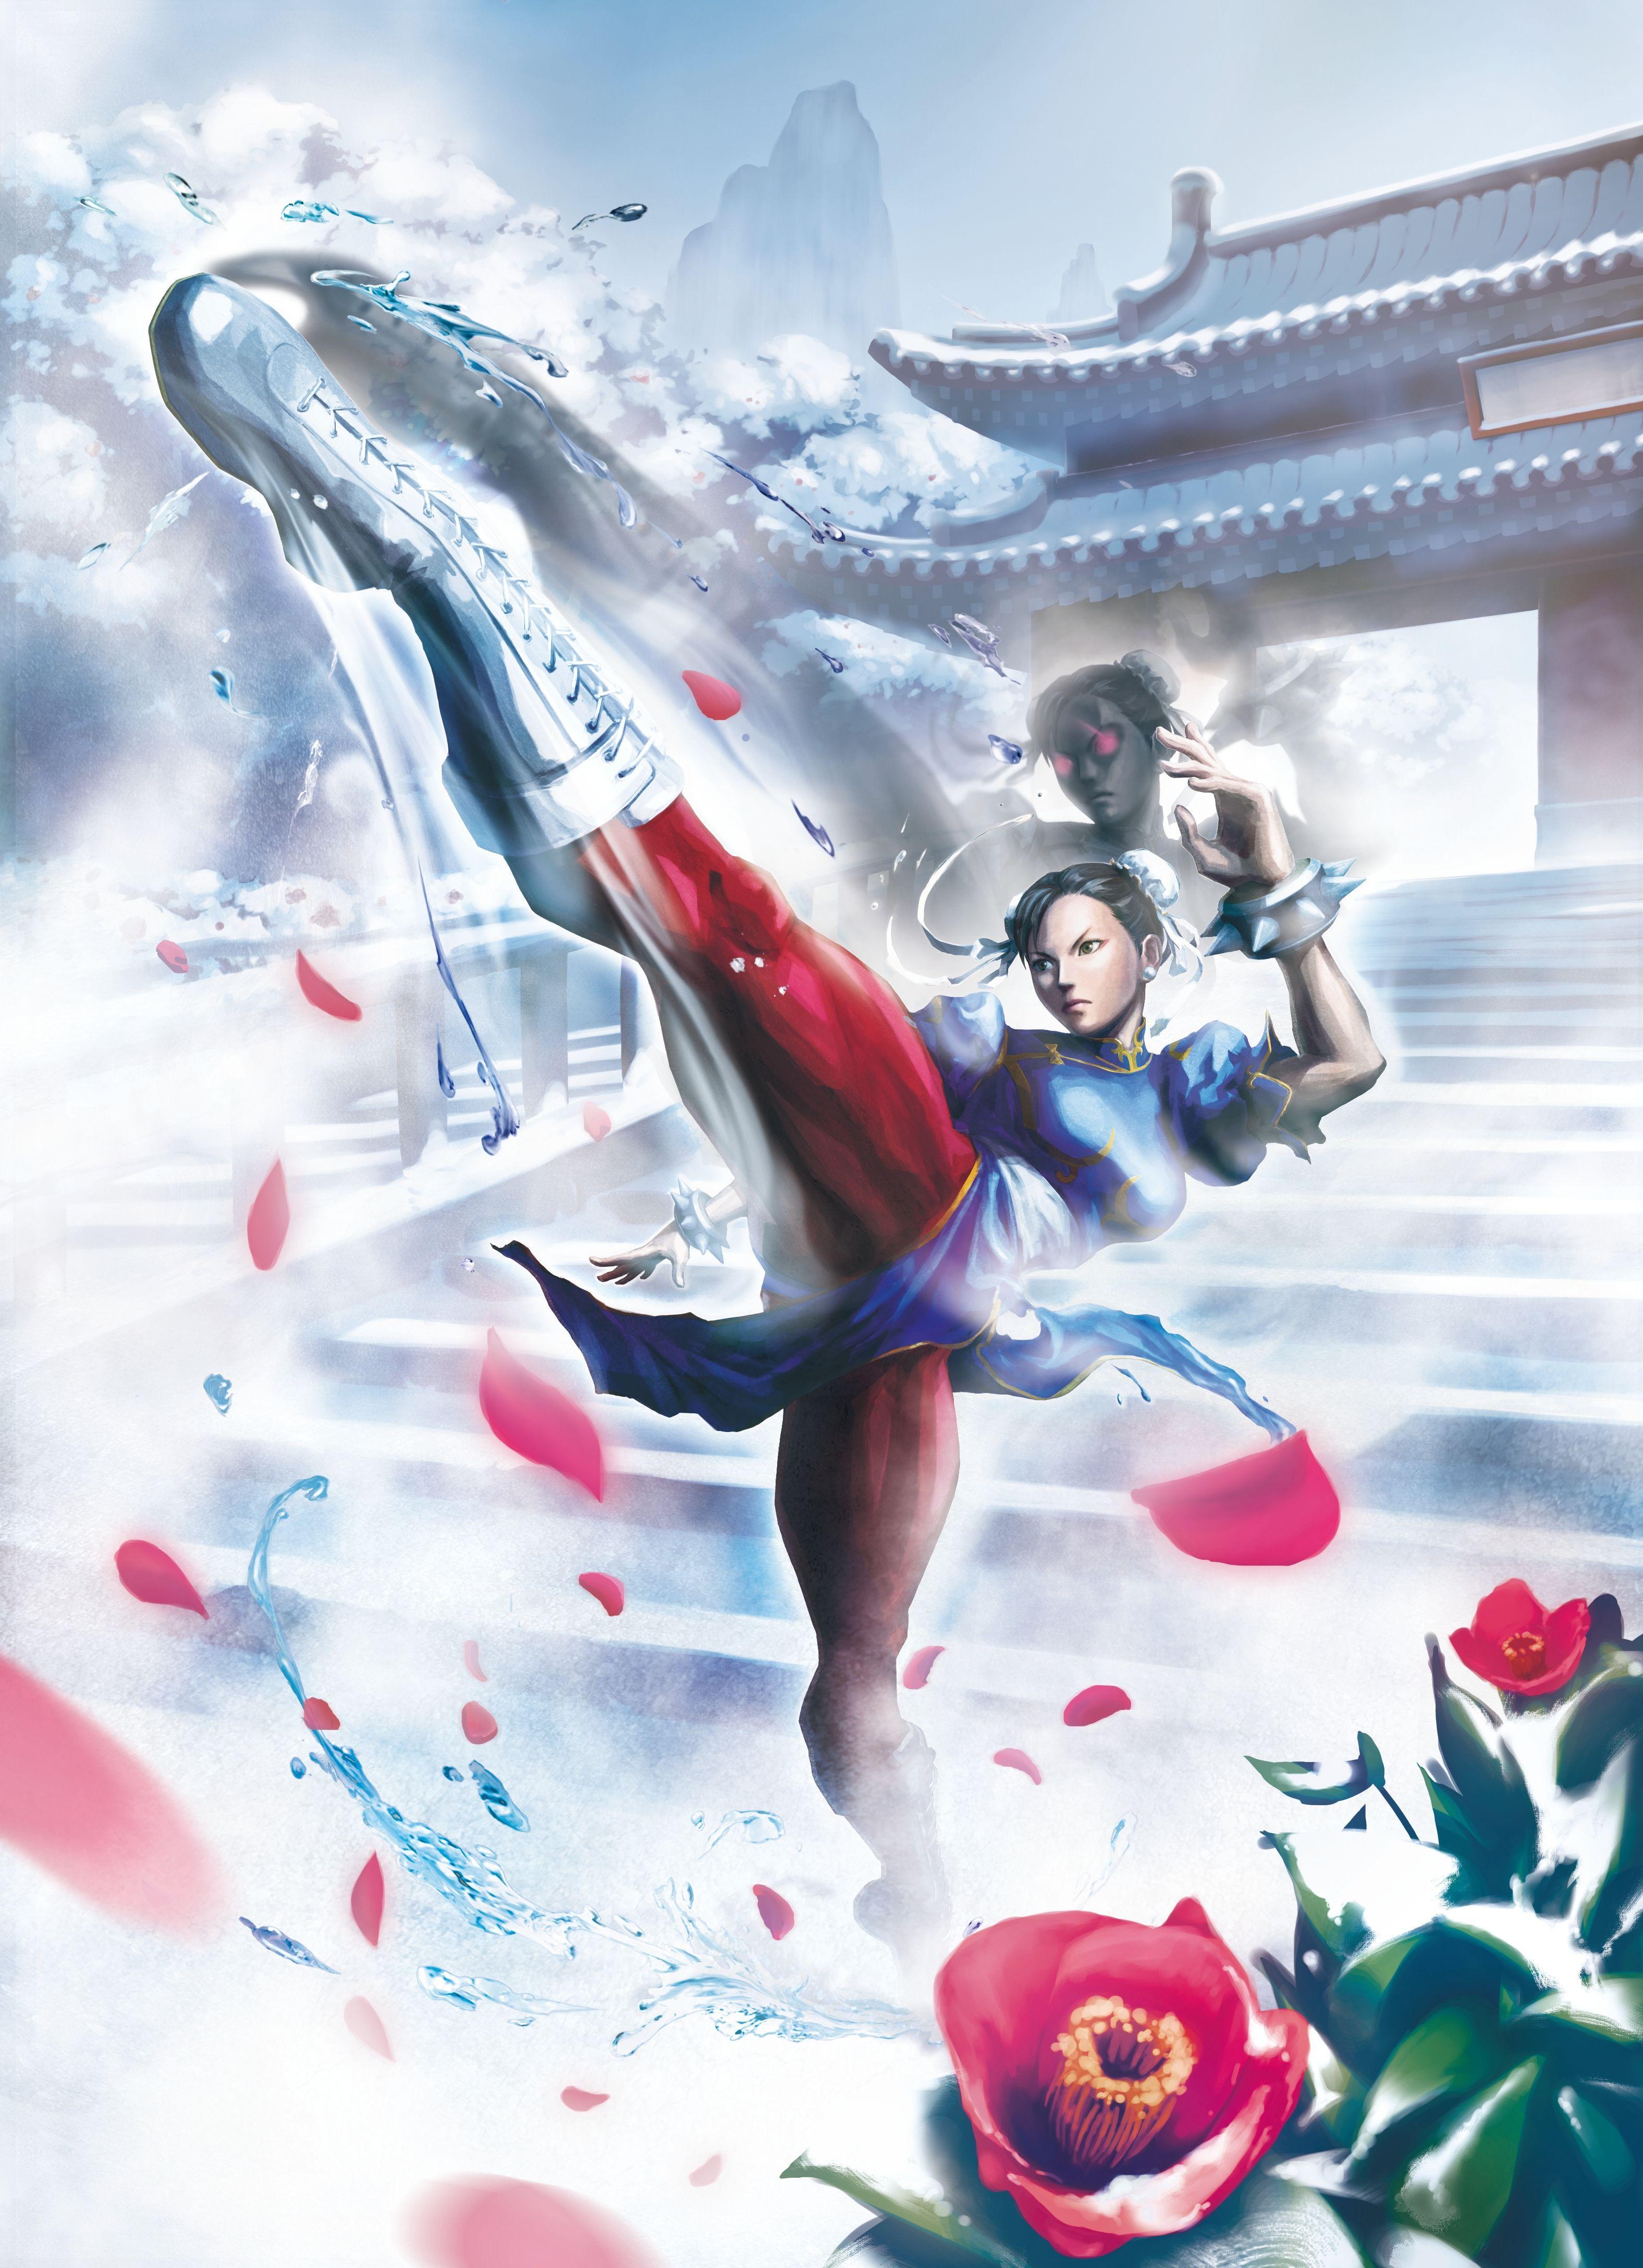 Chun Li Iphone Wallpapers Top Free Chun Li Iphone